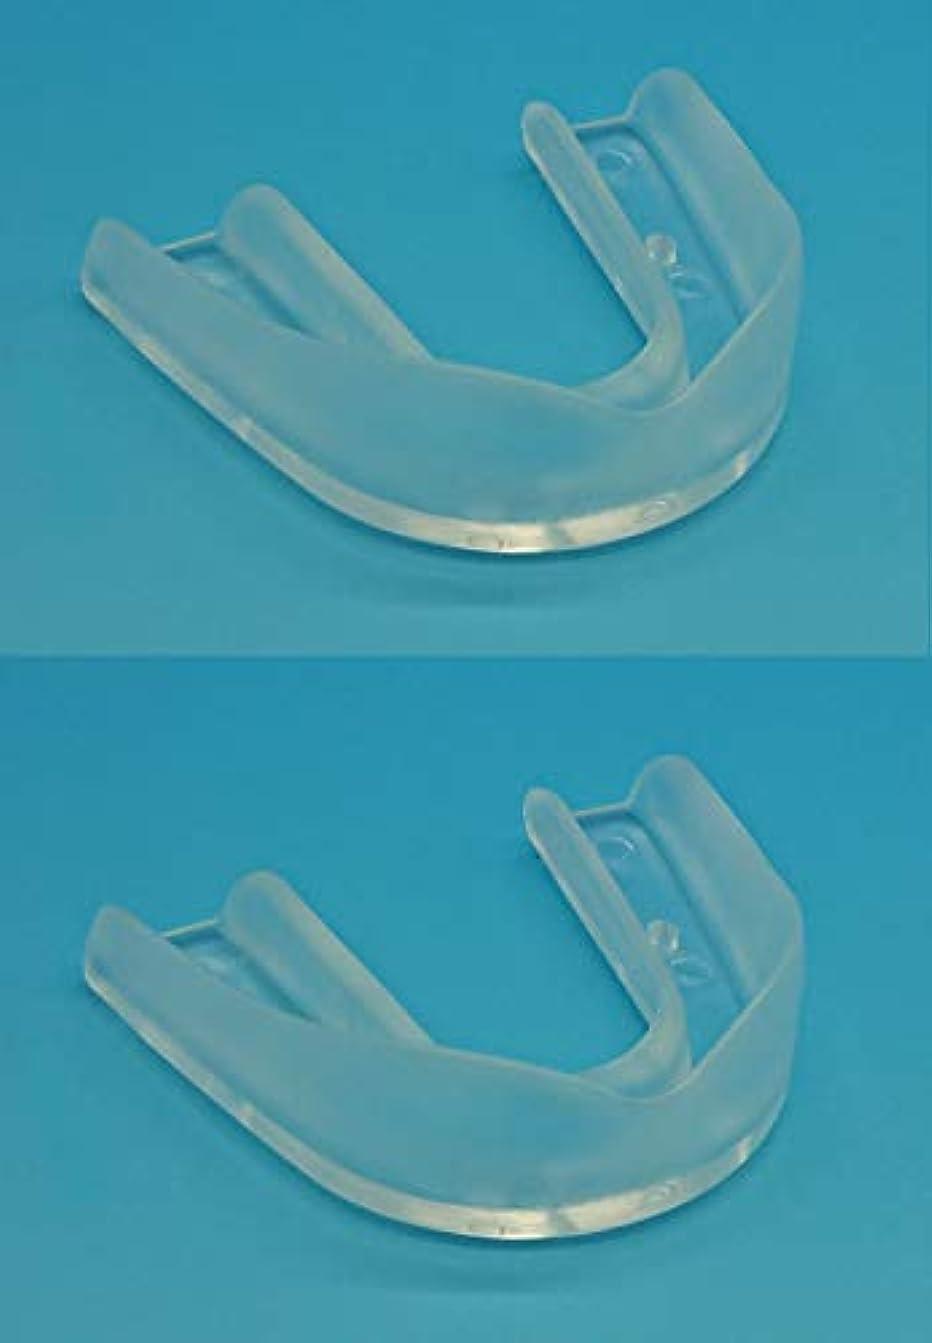 リーフレットセッティング排気自分にピッタリの歯ぎしり対策マウスピースが作れる、手作り【Dr.Silicone デンタルマウスピース?歯ぎしり】お得な2個組でさらに温度計と鼻クリップ付きですが、温度計と鼻クリップはメーカーから別送致します!